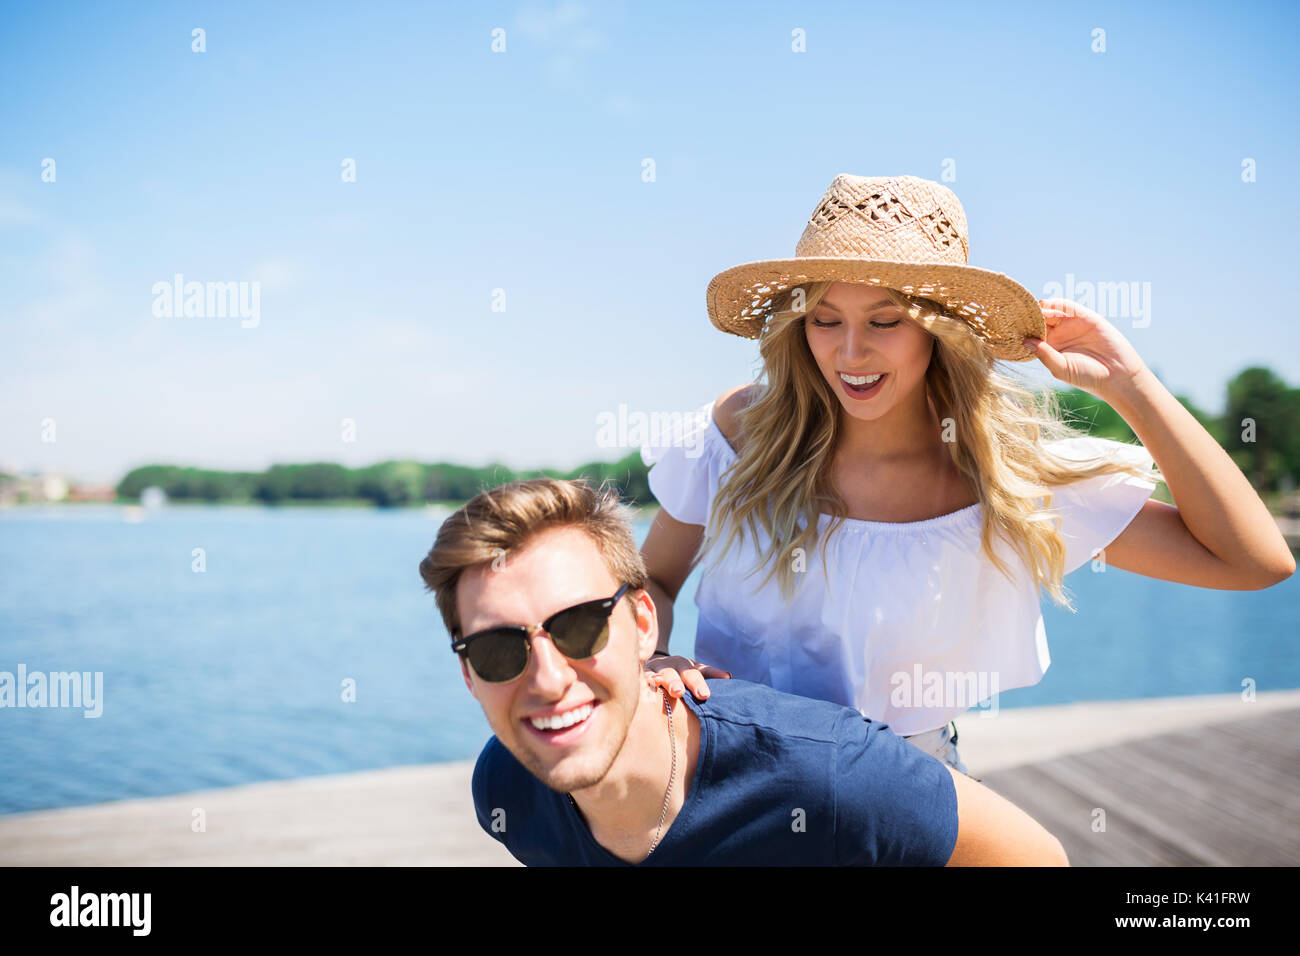 Una foto di una giovane coppia felice in vacanza. L'uomo è dare la sua ragazza un piggyback. Immagini Stock